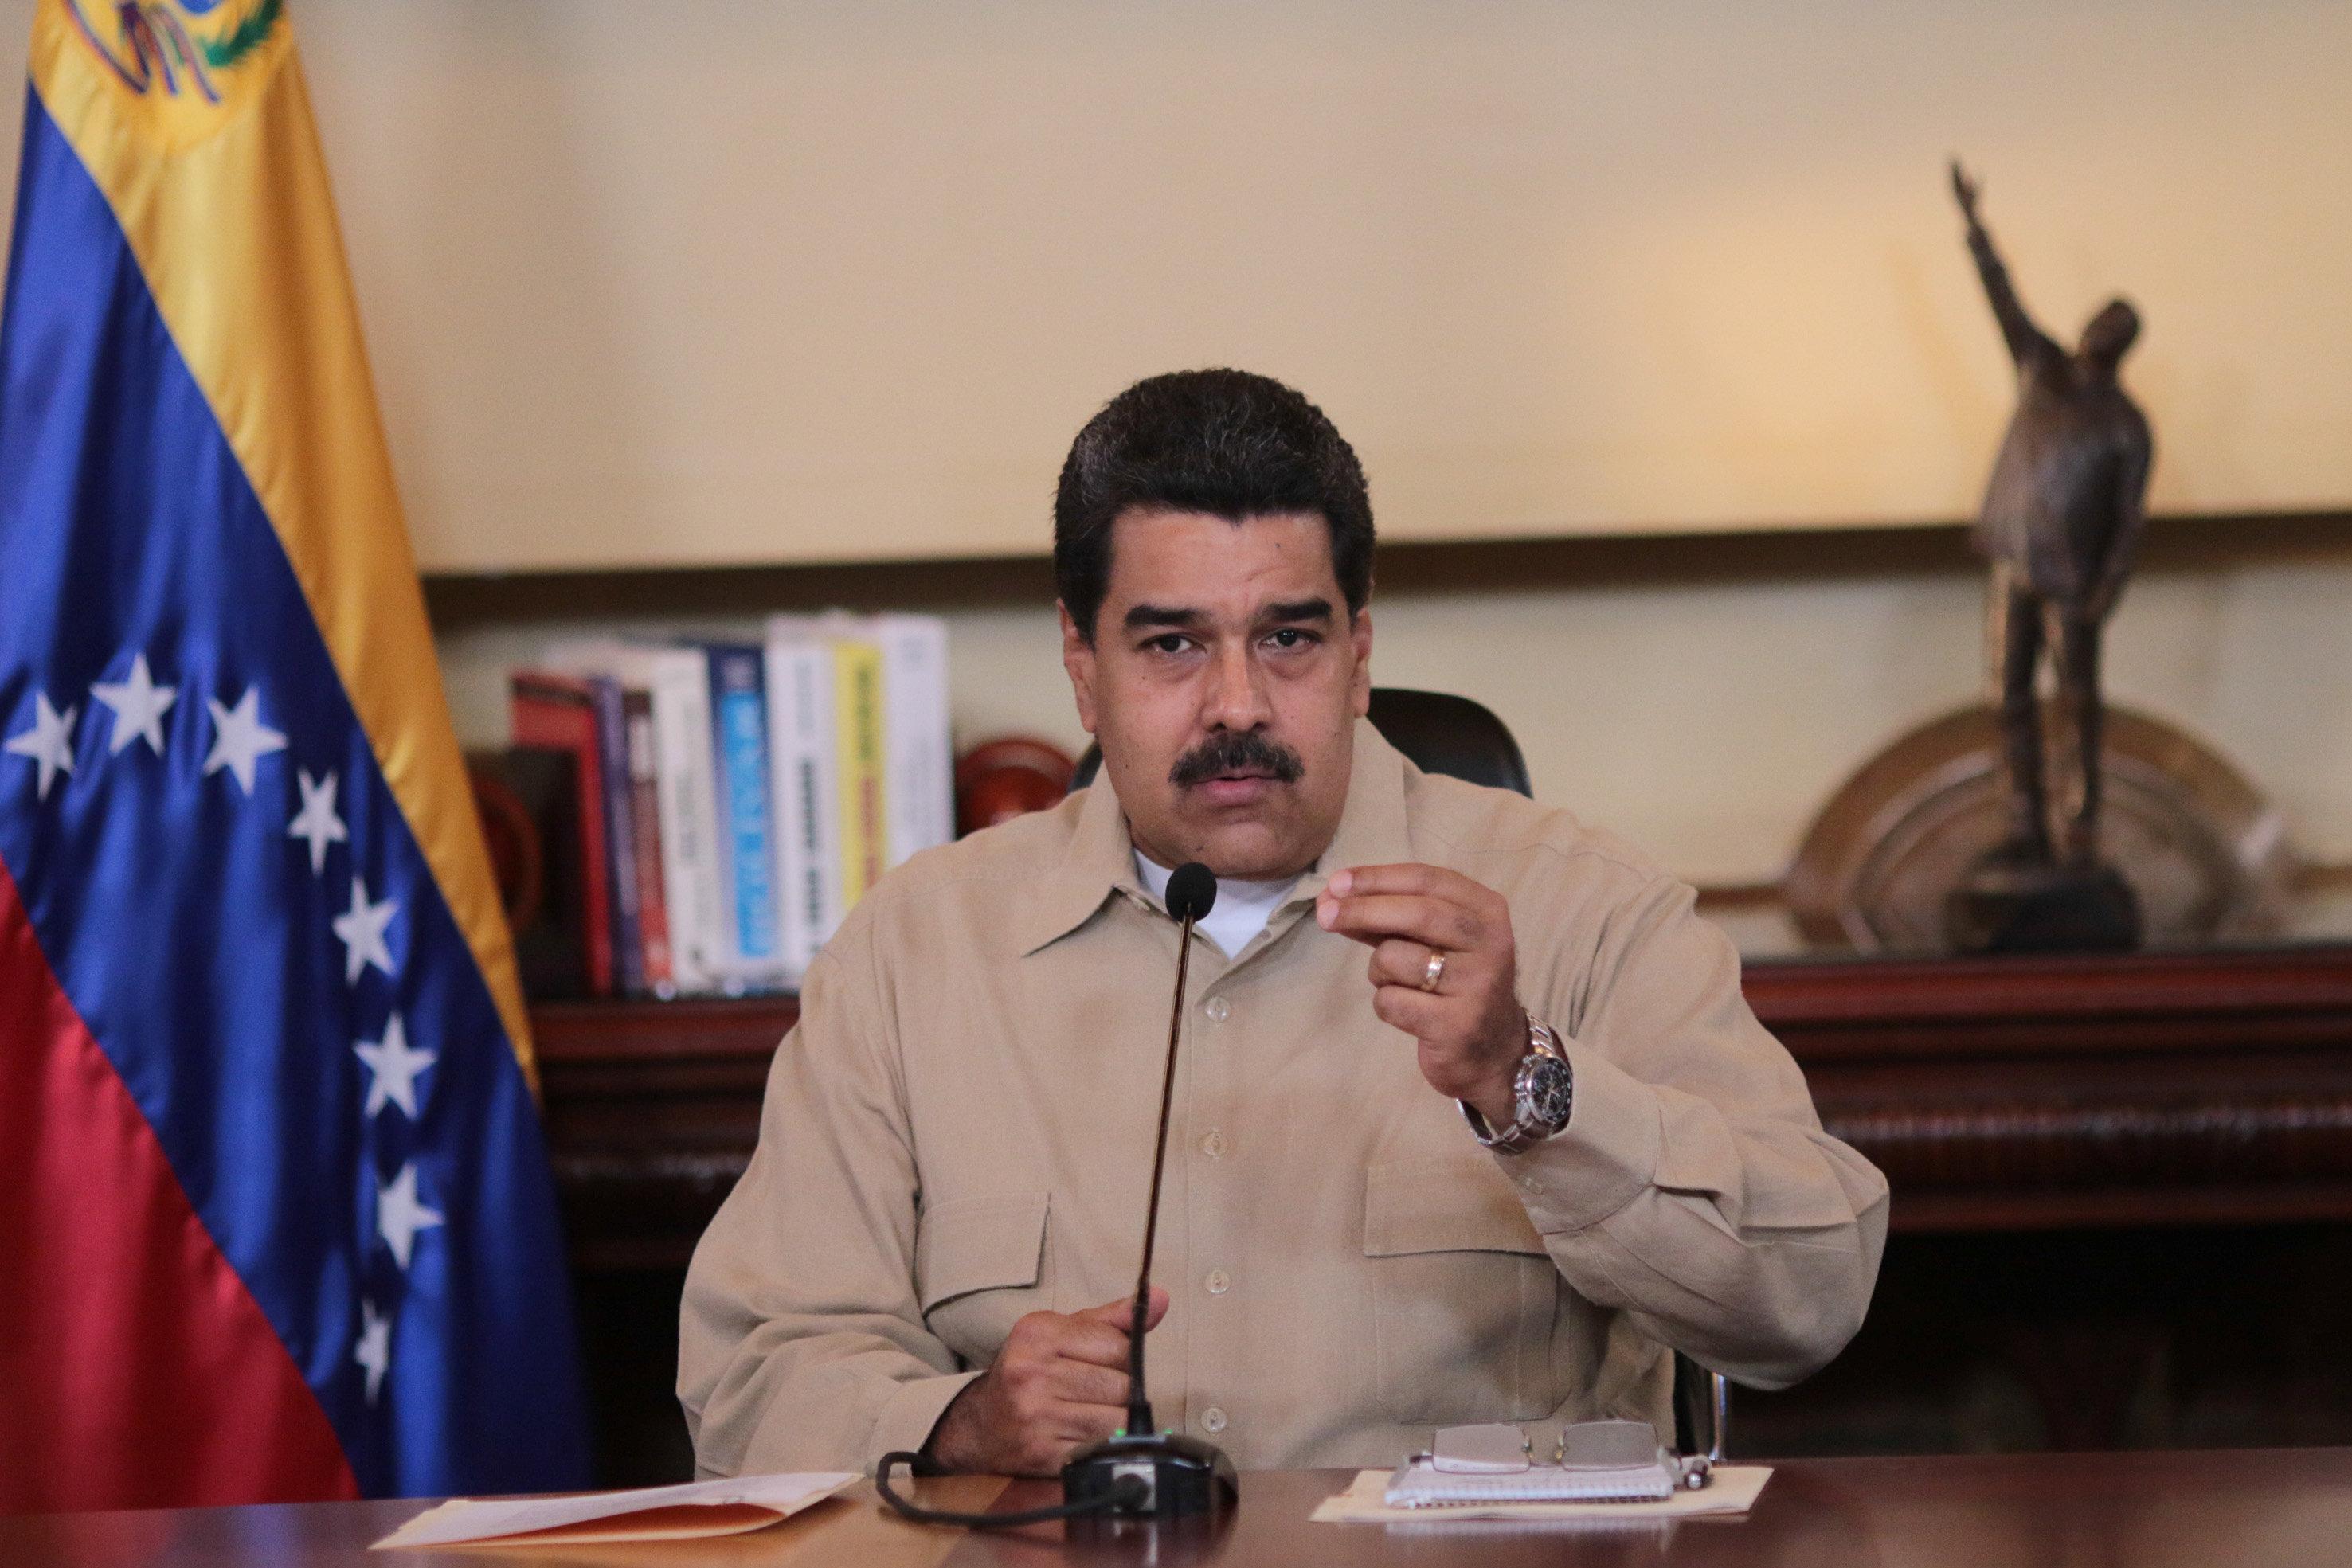 Santos: Vemos con preocupación la militarización de la sociedad venezolana